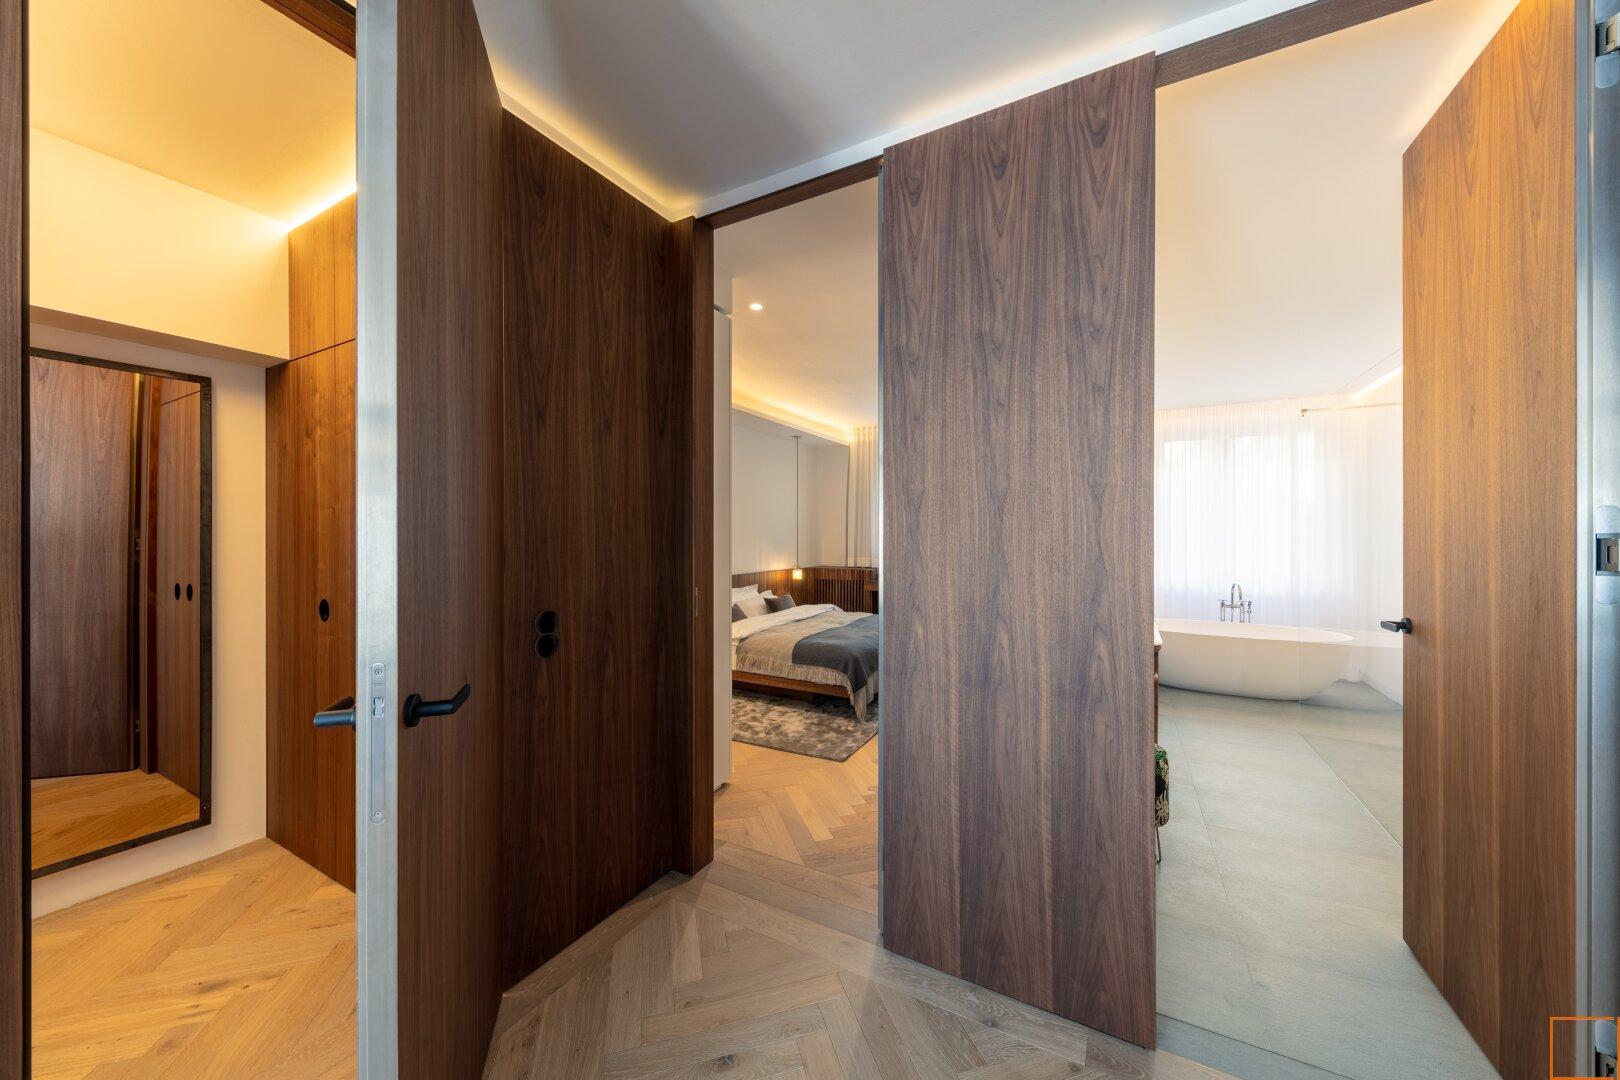 Blick auf begehbare Garderobe, Schlafzimmer und Bad